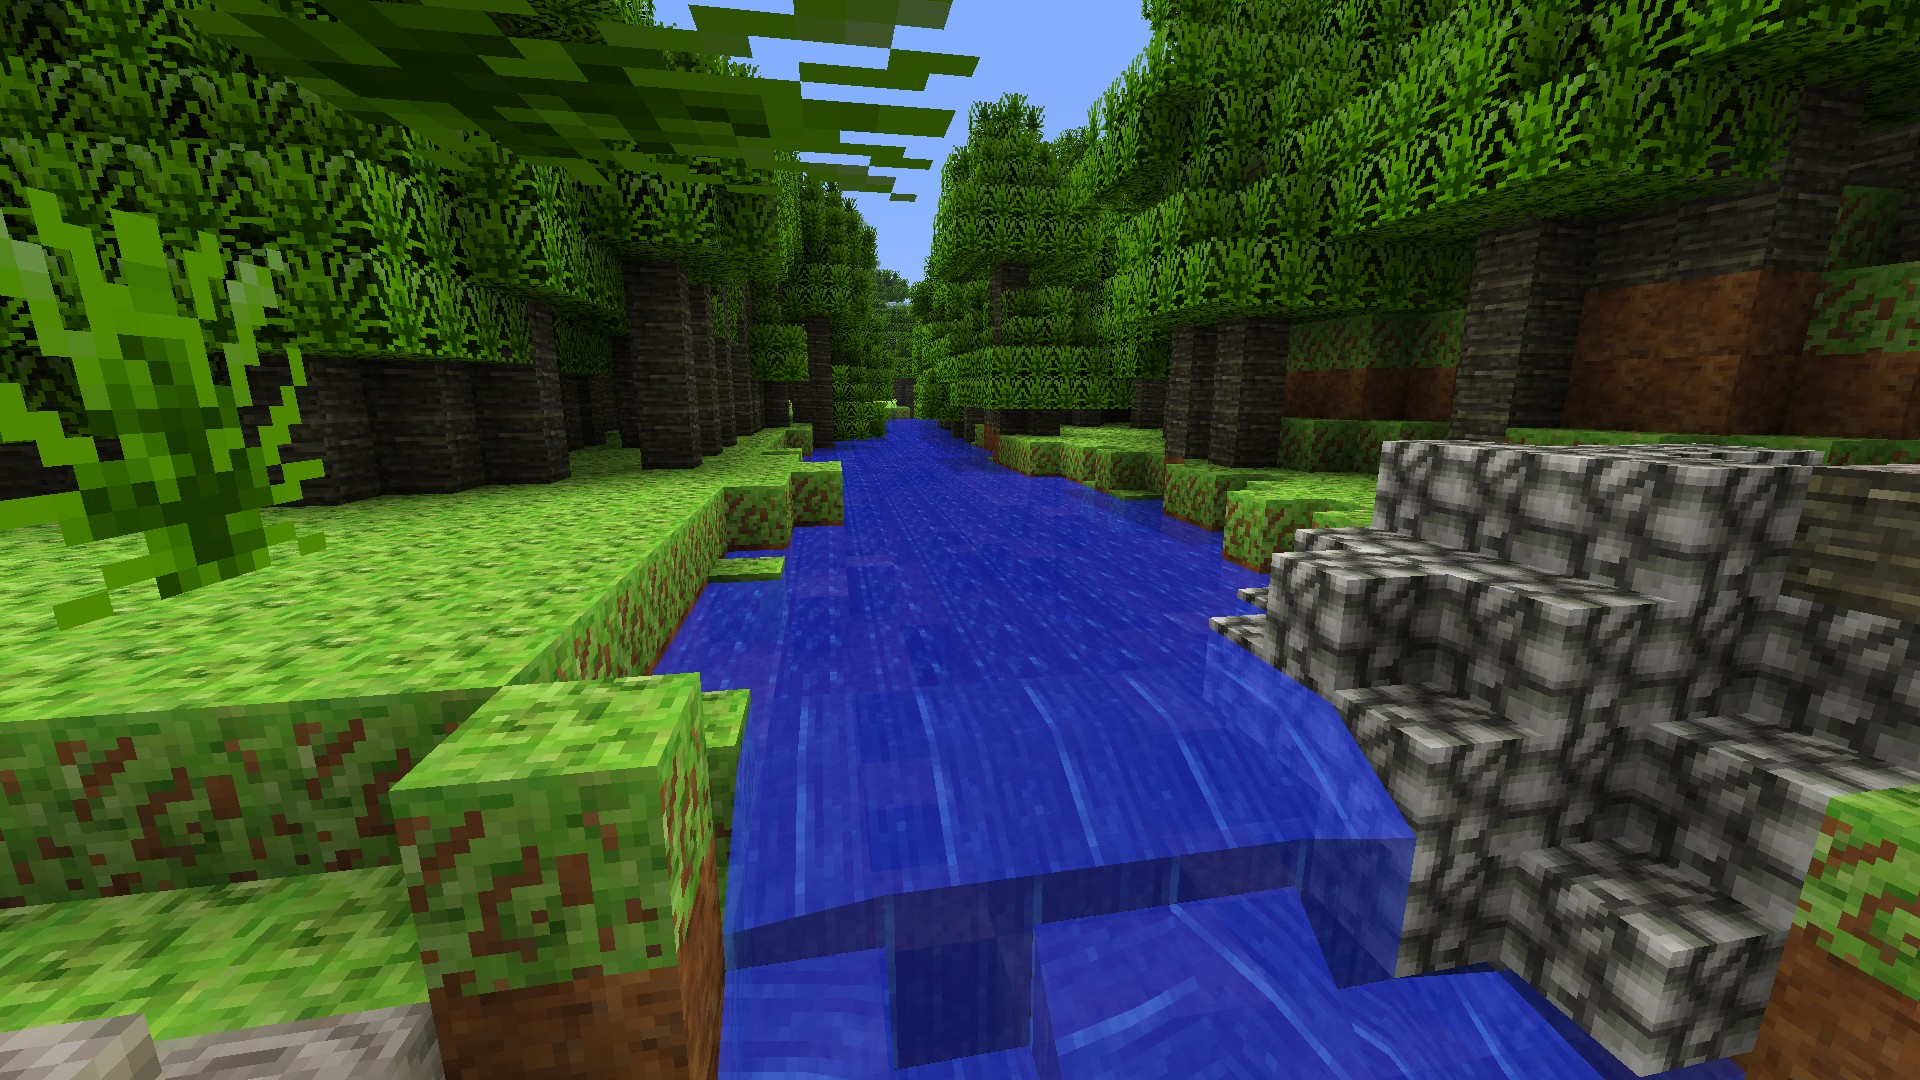 Minecraft Map Minecraf...